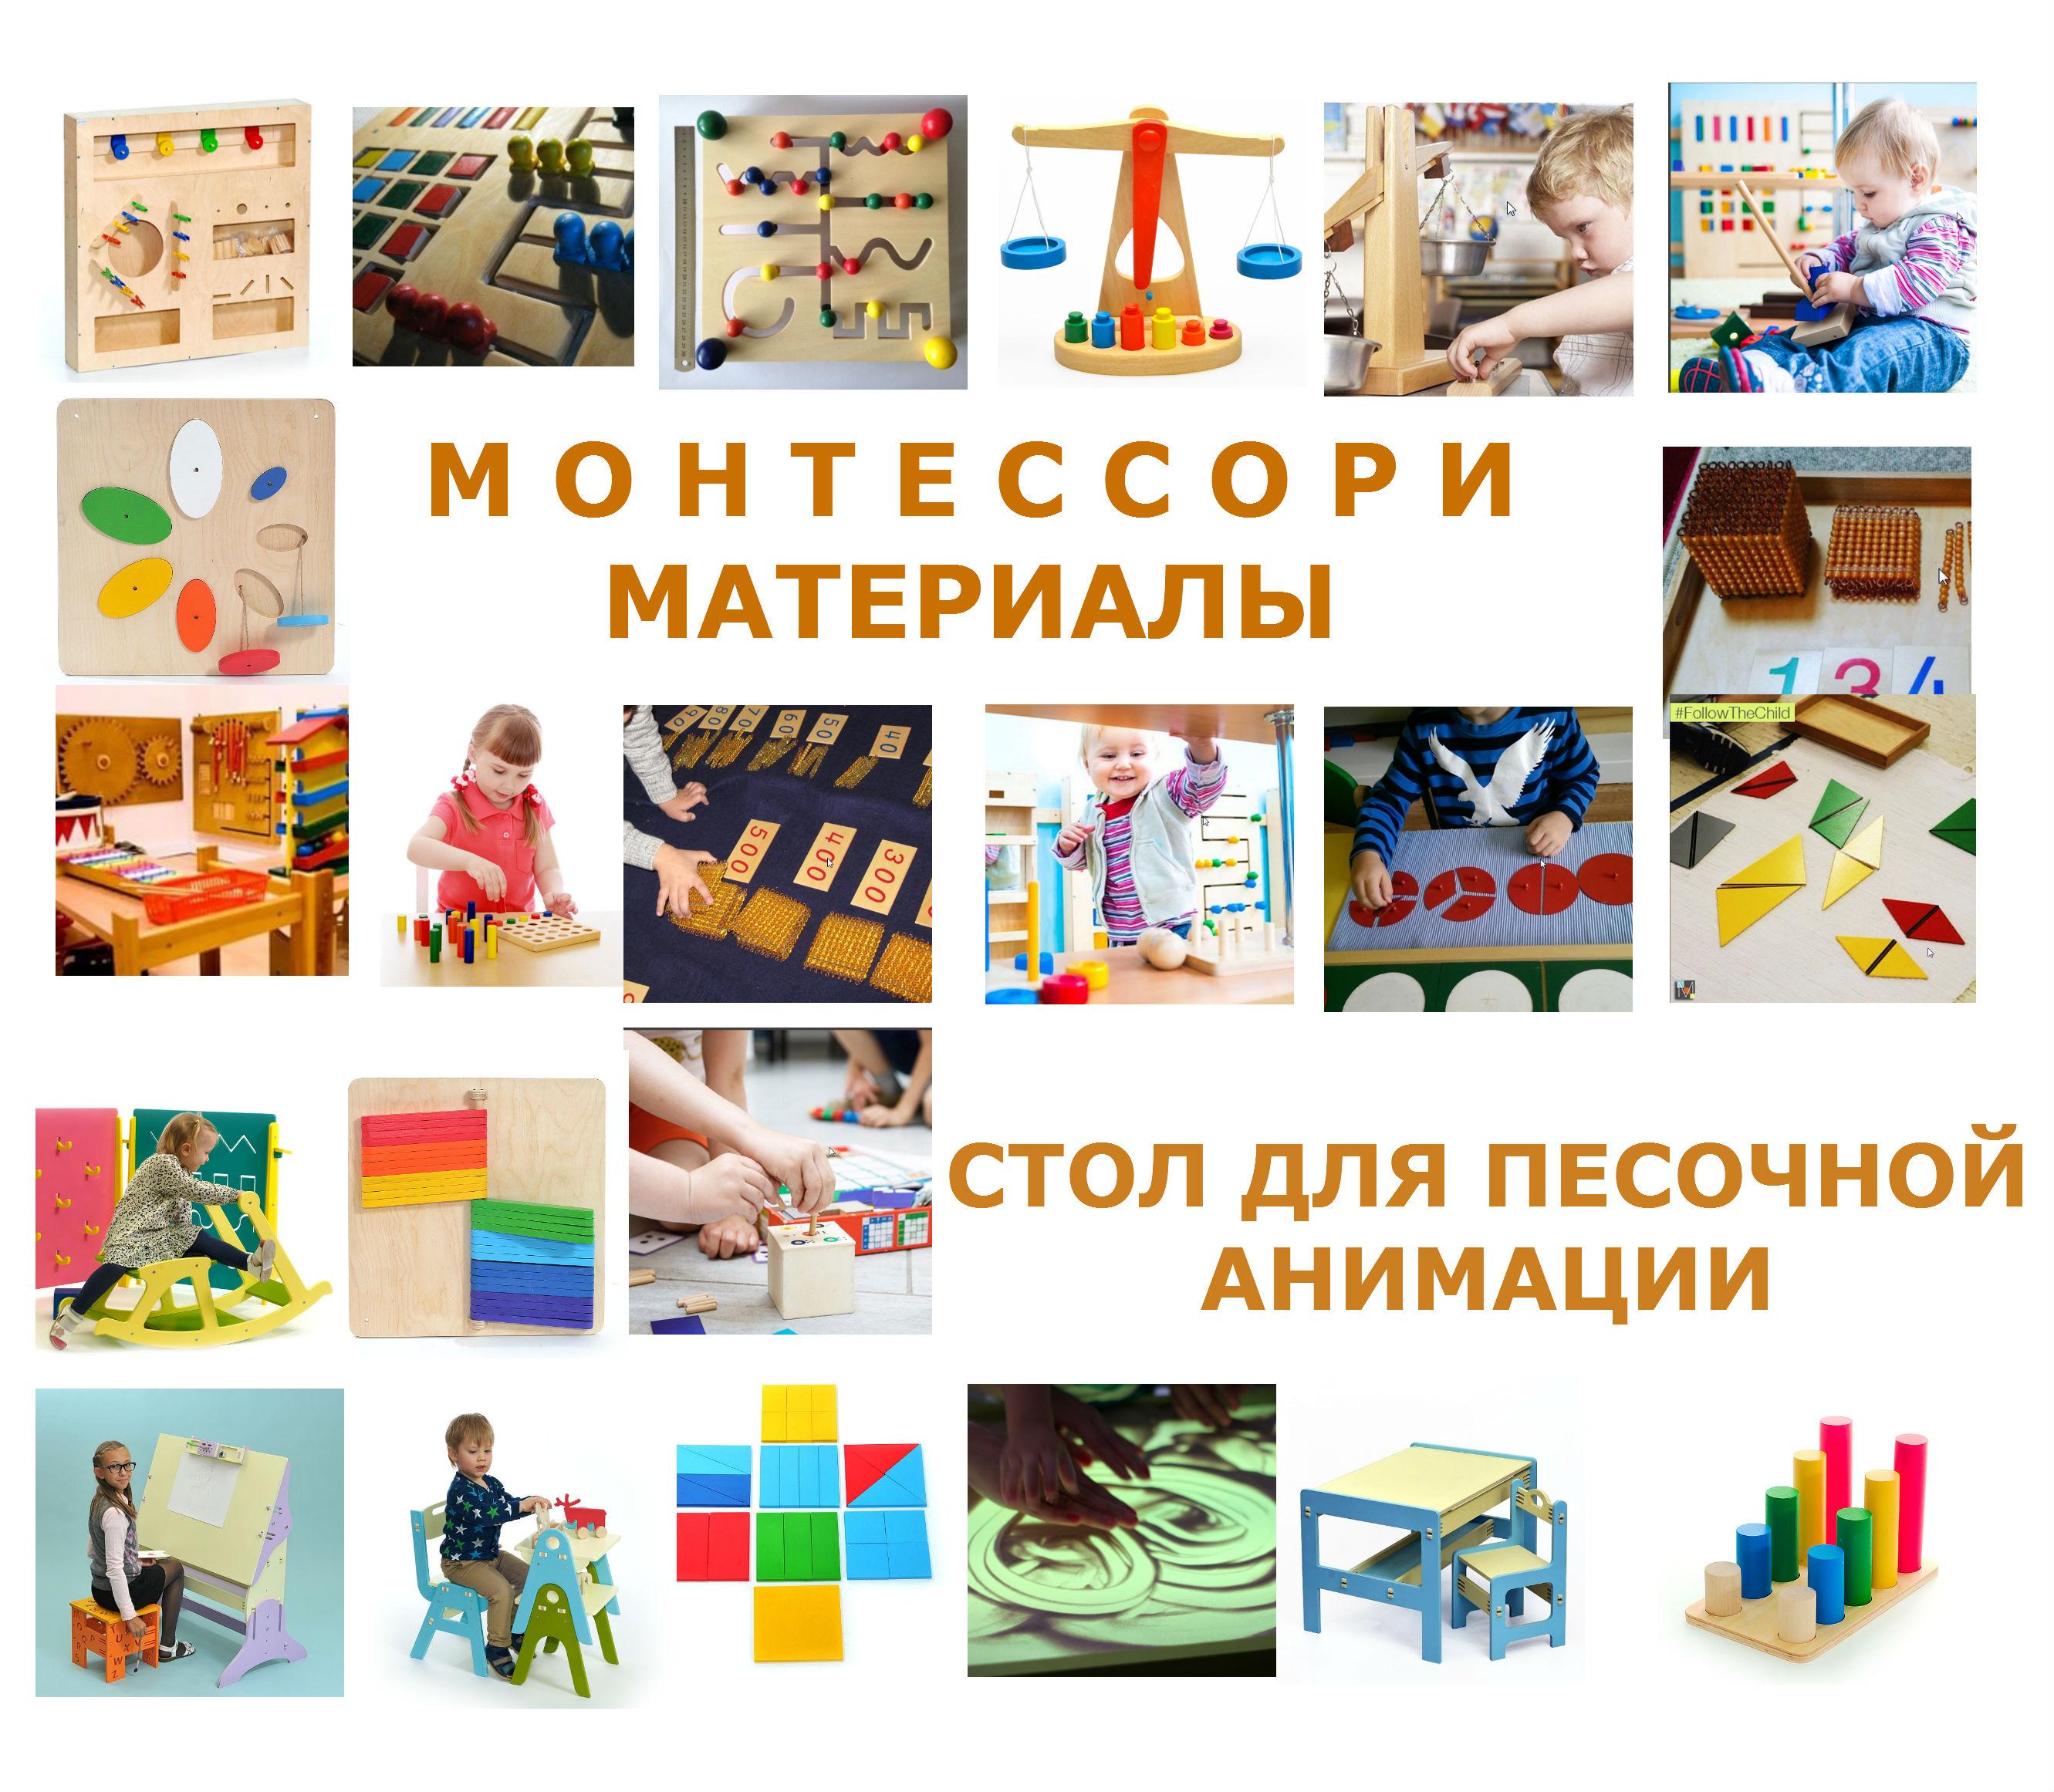 neplyuyev.www.nn.ru/?page=blog&blog_id=790662